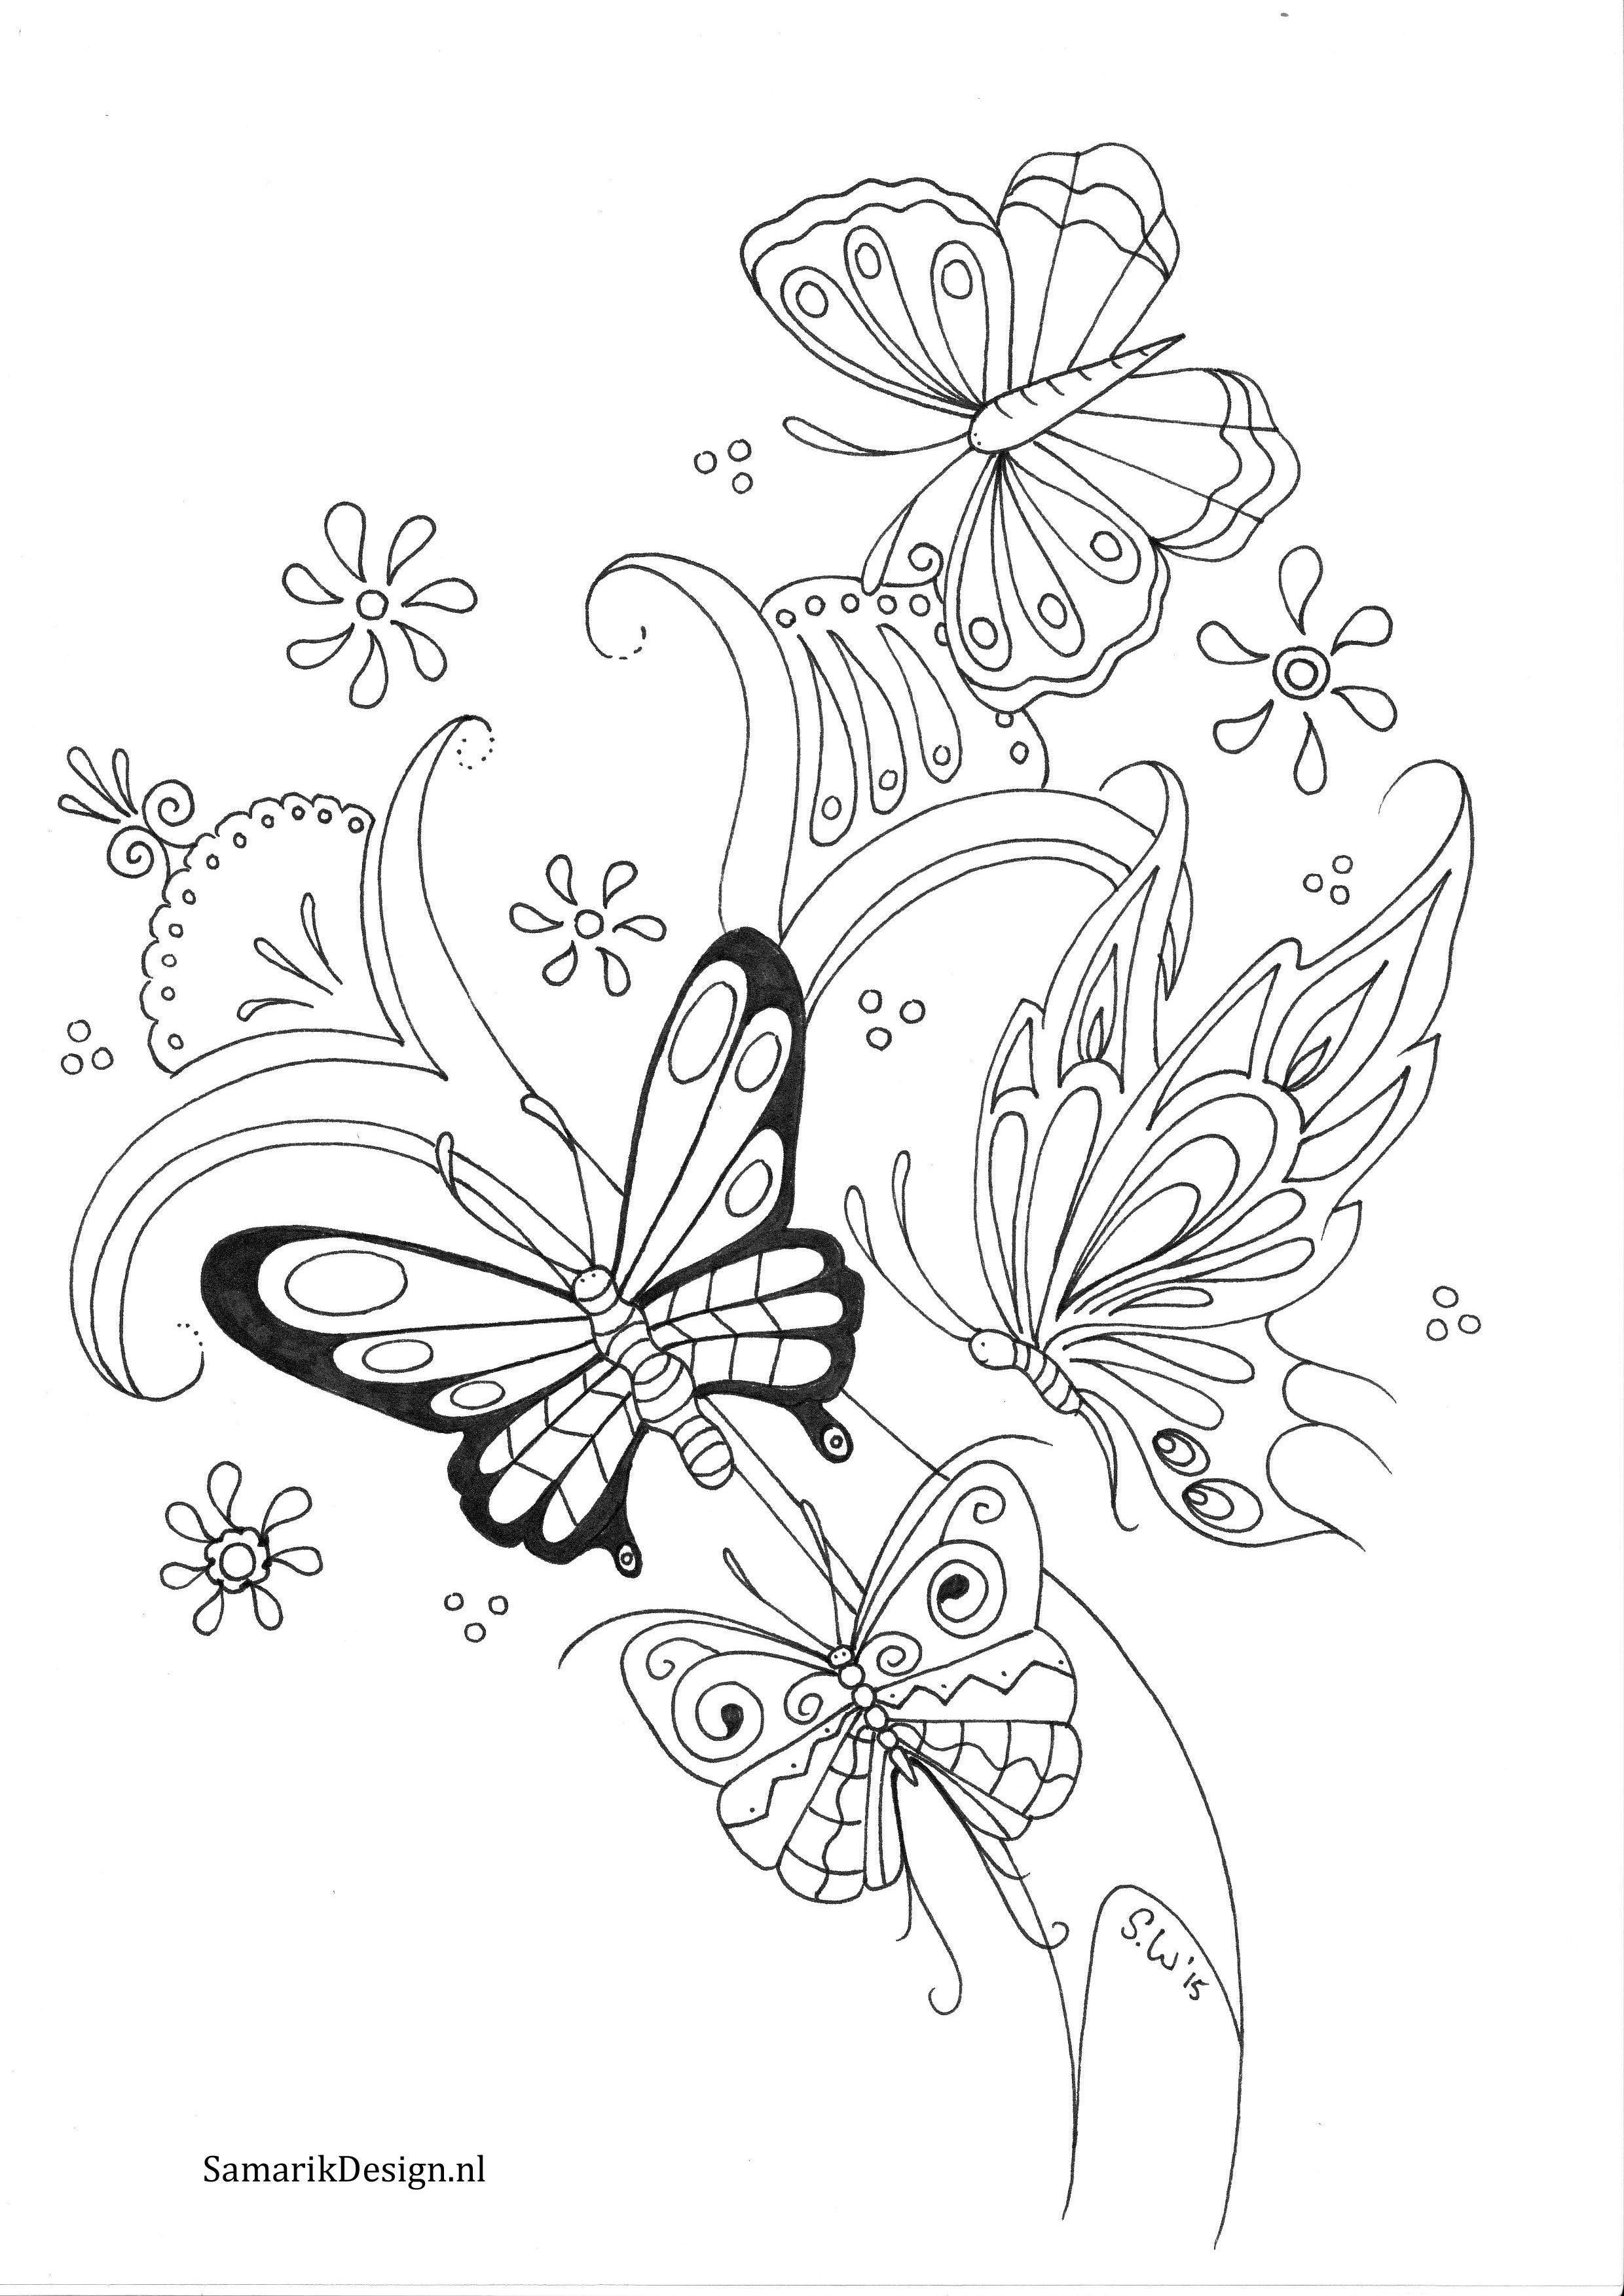 Bloemen Vlinders Kleurplaat Bloemen Volwassenen Kleurplaten Mandala Kleurplaten Boek Bladzijden Kleuren